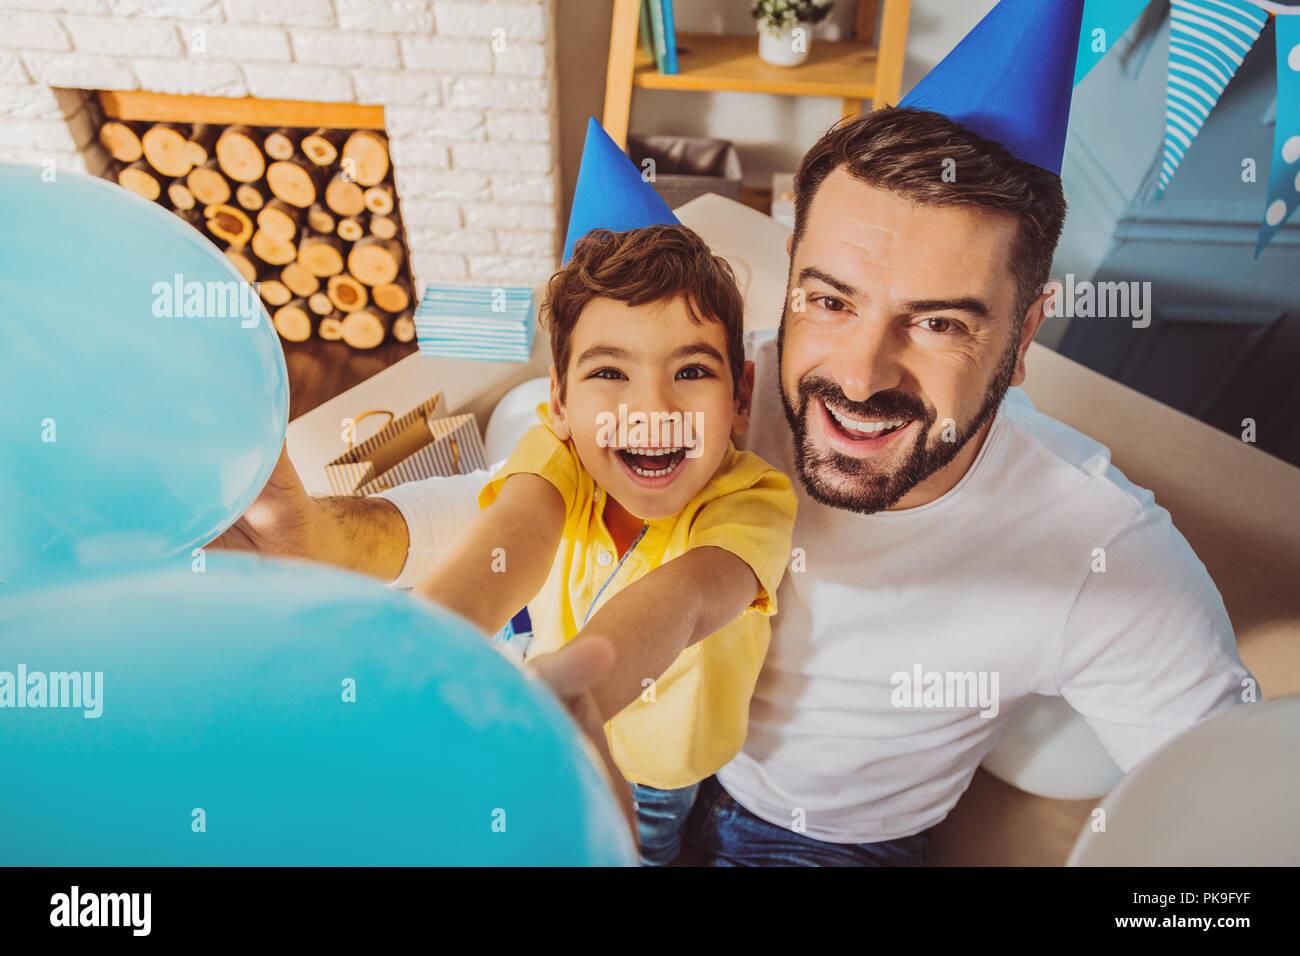 Hübscher netter Mann und Junge spielt mit Ballons Stockbild